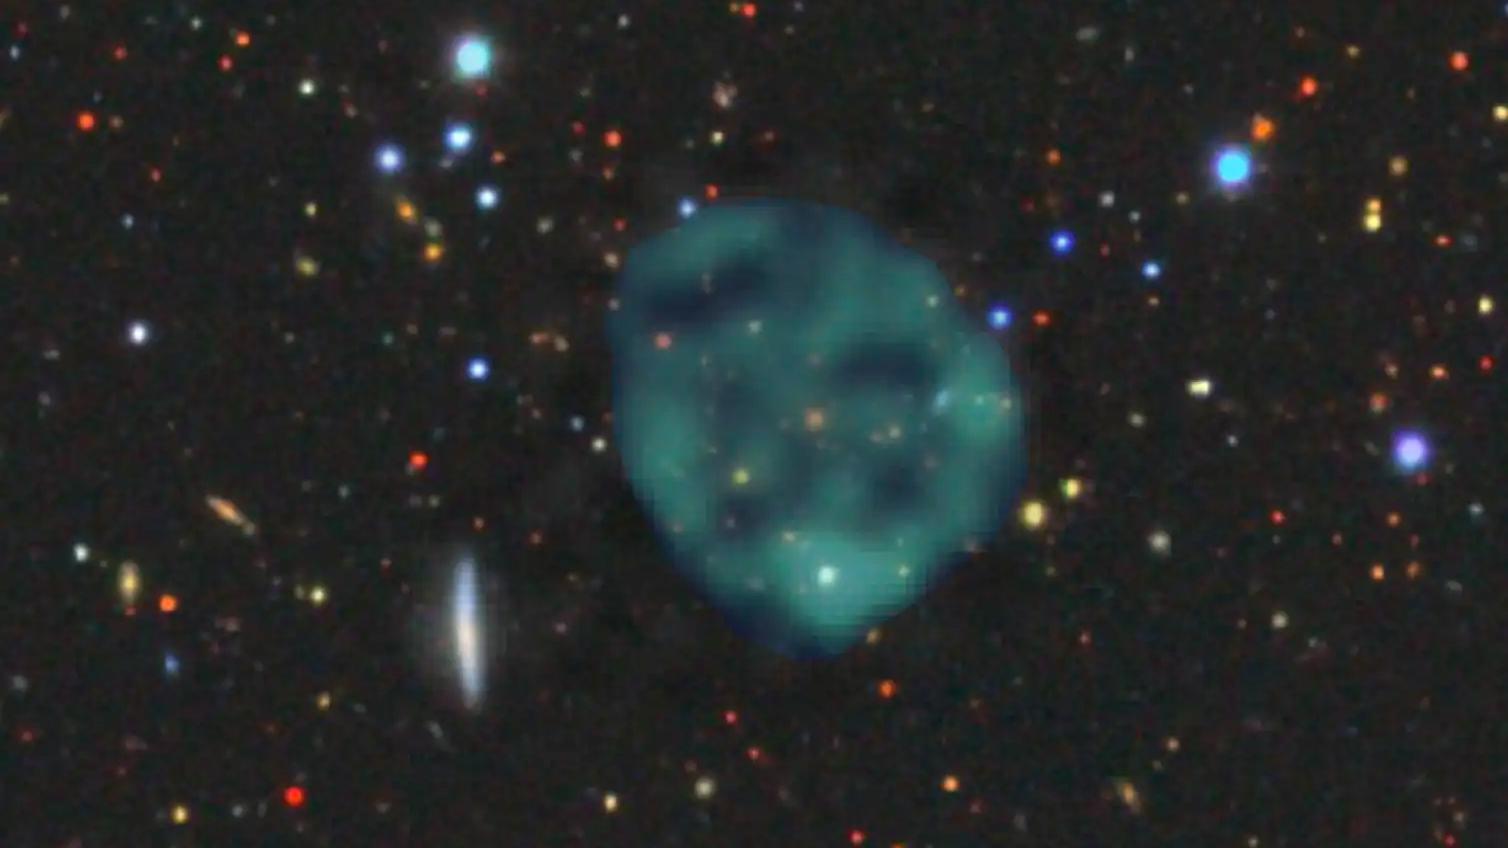 L'ORC1 fantomatique (fuzz bleu / vert), sur fond de galaxies aux longueurs d'onde optiques.  Il y a une galaxie orange au centre de l'ORC, mais nous ne savons pas si elle fait partie de l'ORC, ou simplement une coïncidence fortuite.